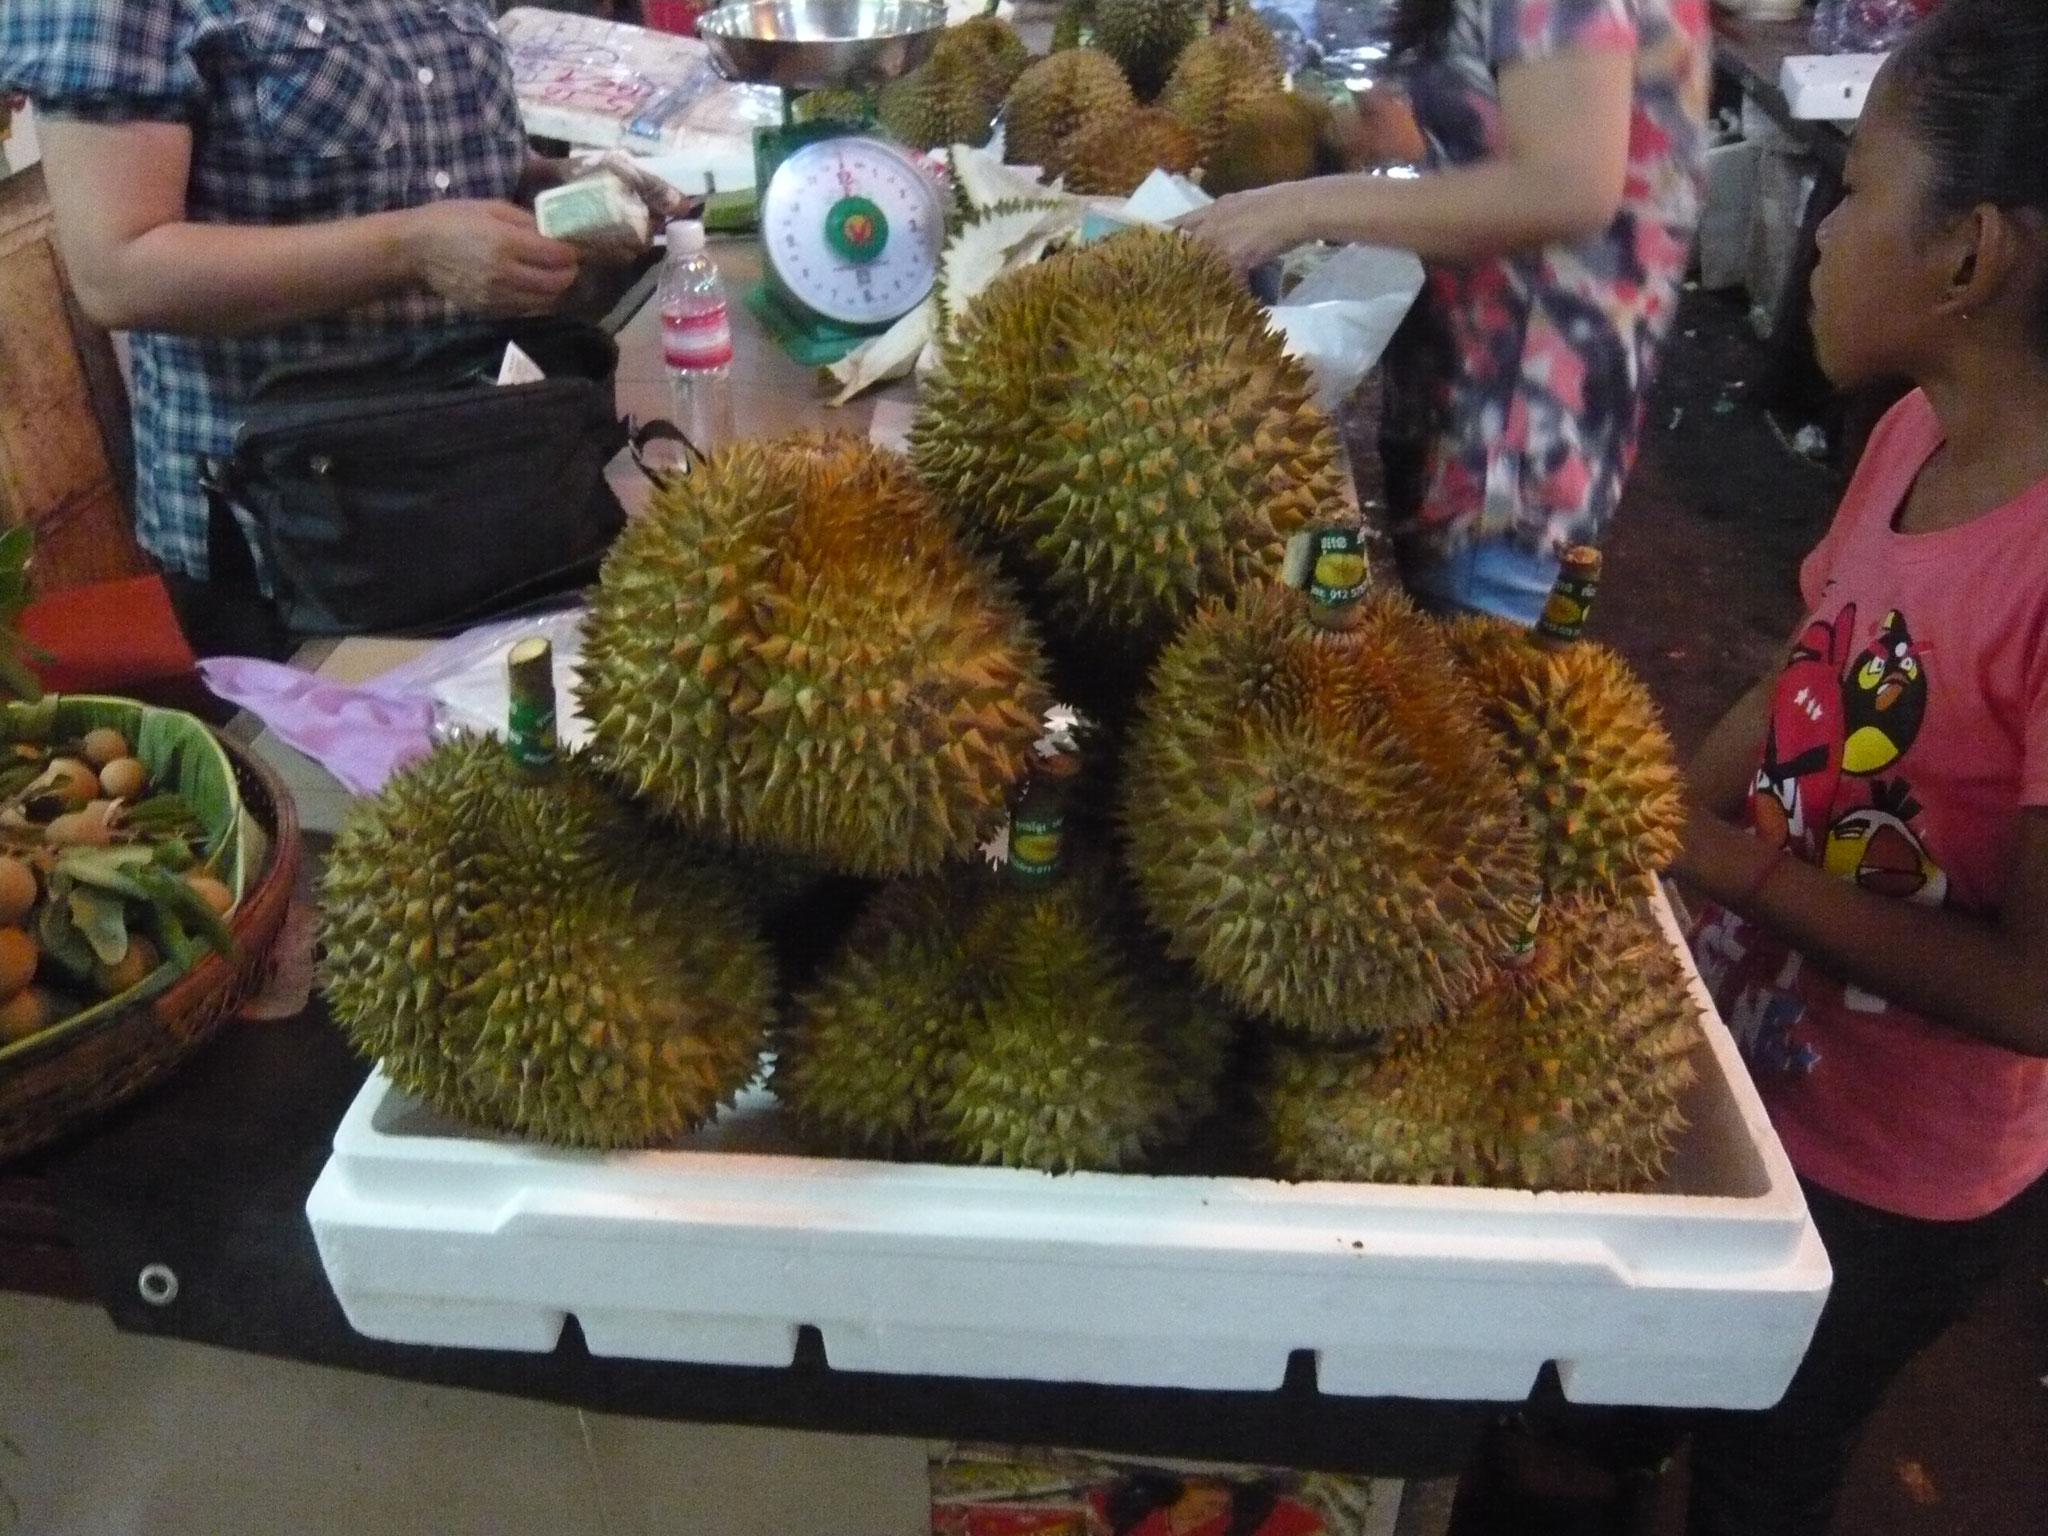 Thailand - Lena bewundert Früchte, die sie nicht kennt